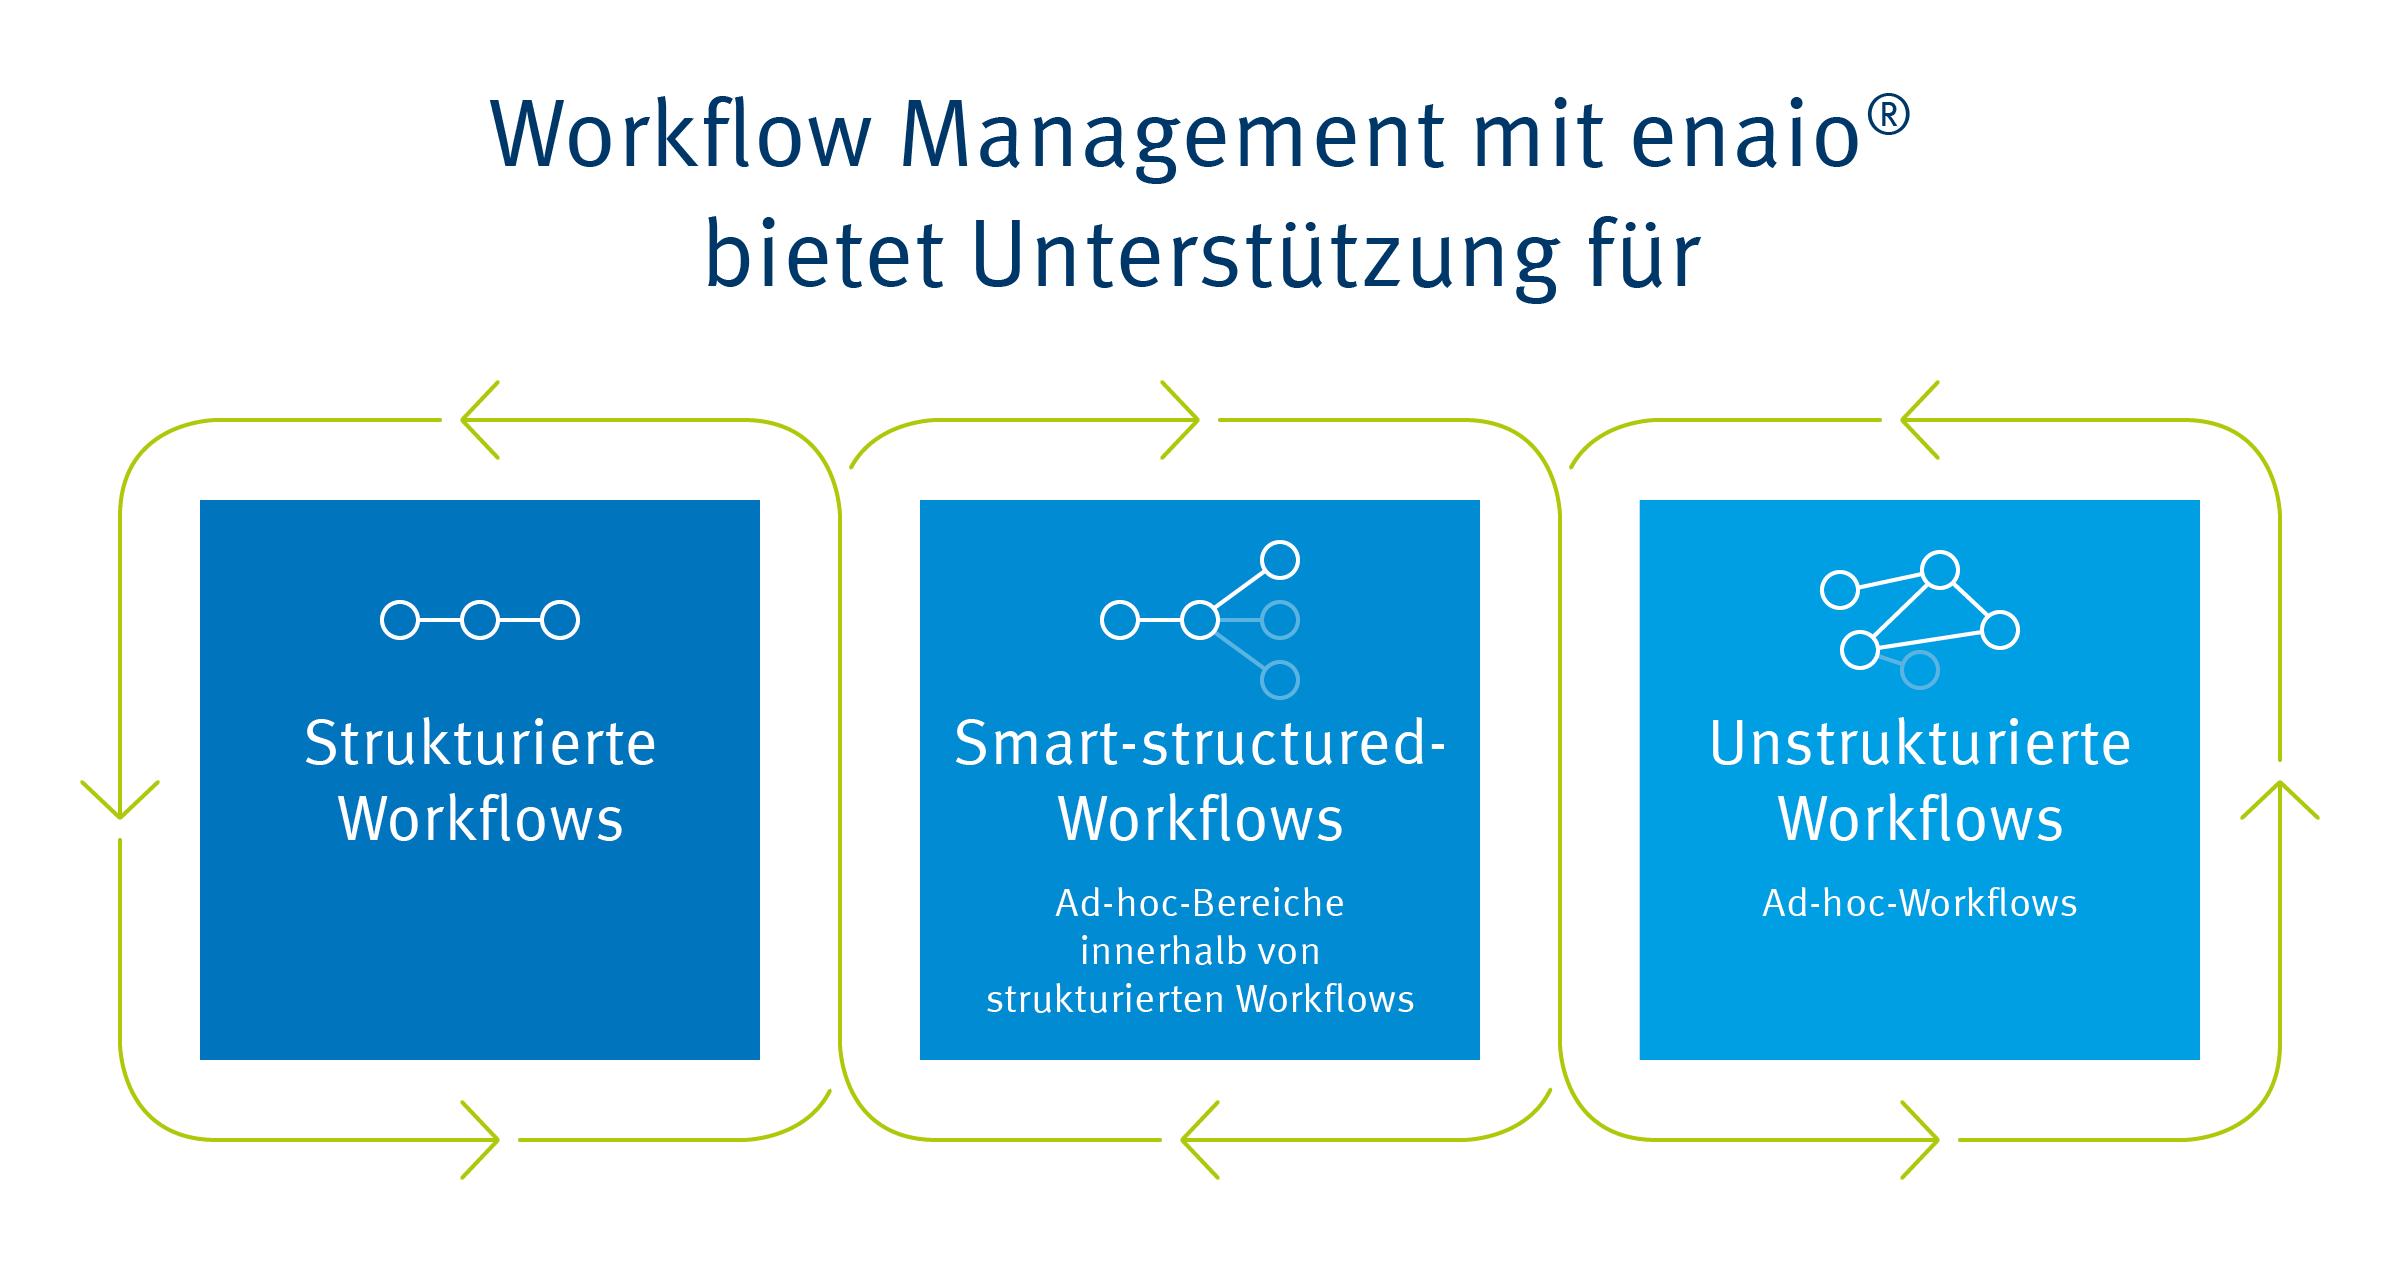 Die Infografik zeigt die Einsatzzwecke des Workflow Management mit enaio®.